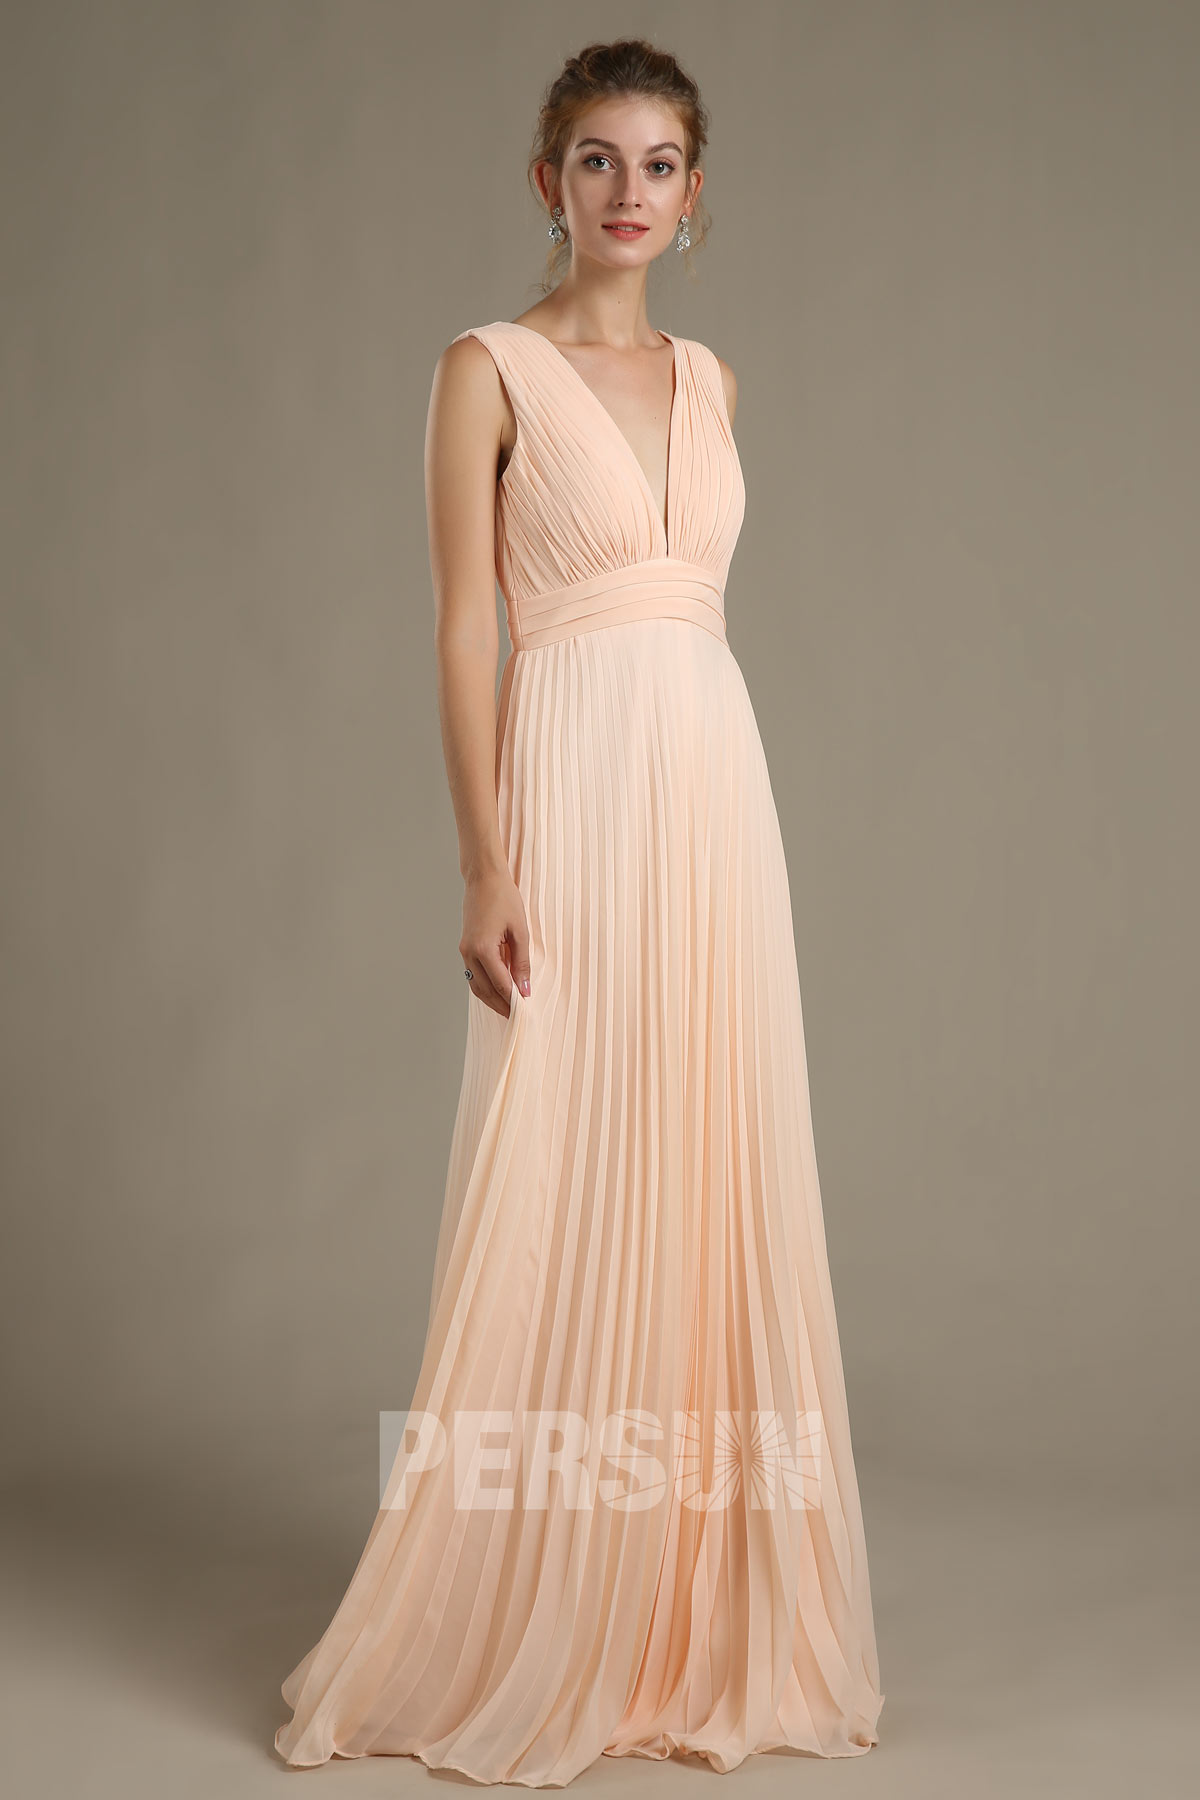 robe demoiselle d'honneur maxi plissée couleur nude décolleté V plongeant